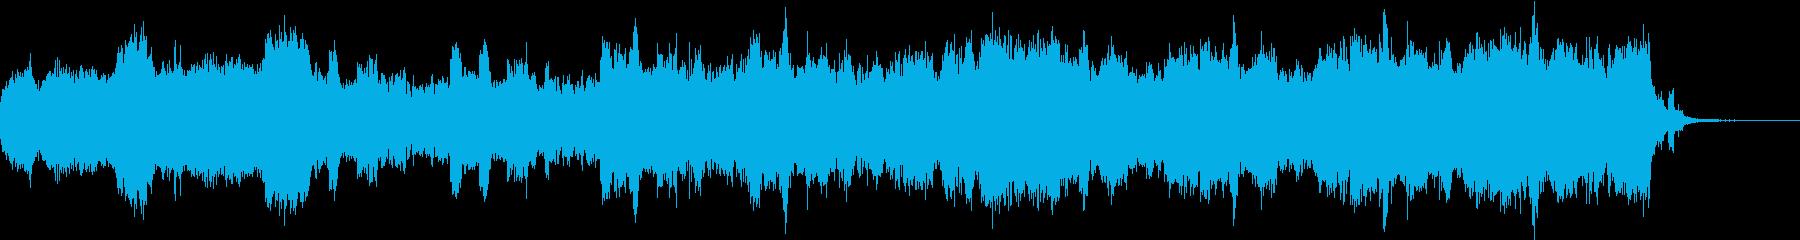 ダークな雰囲気の弦アンサンブル+コーラスの再生済みの波形